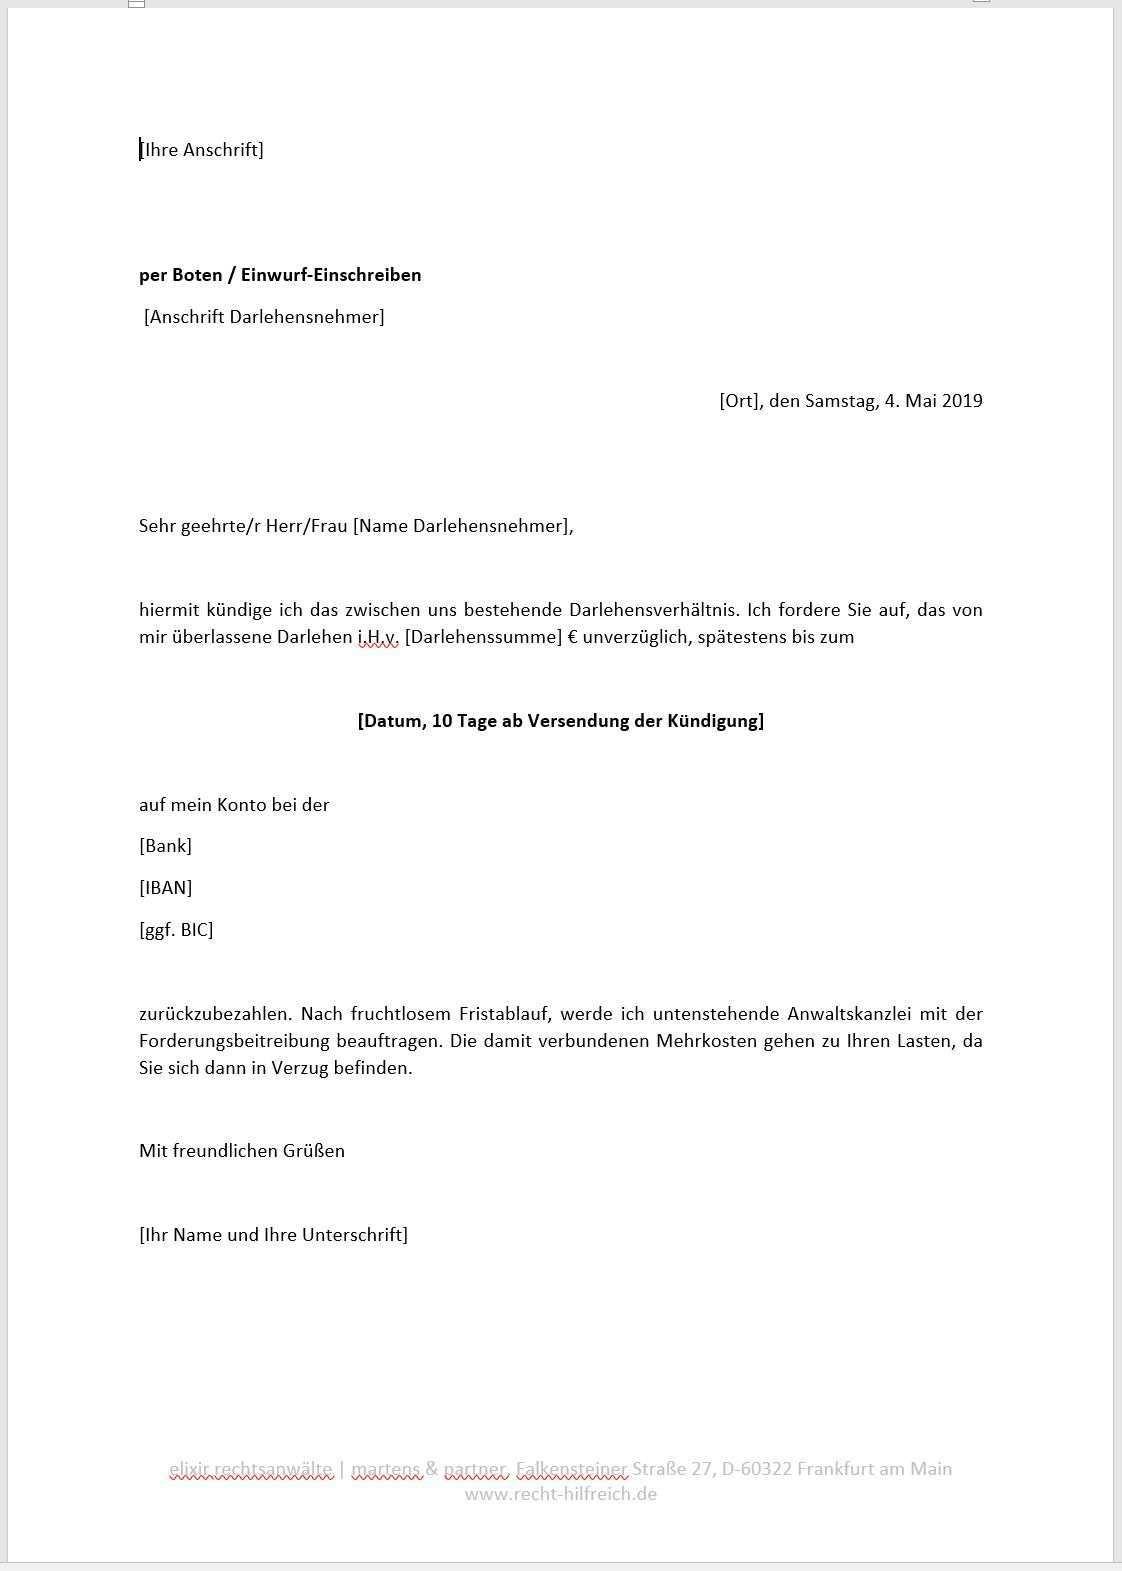 Vorlage Muster Kundigung Darlehen Unternehmensrecht Wirtschaftsrecht Elixir Rechtsanwalte Frankfurt Am Main